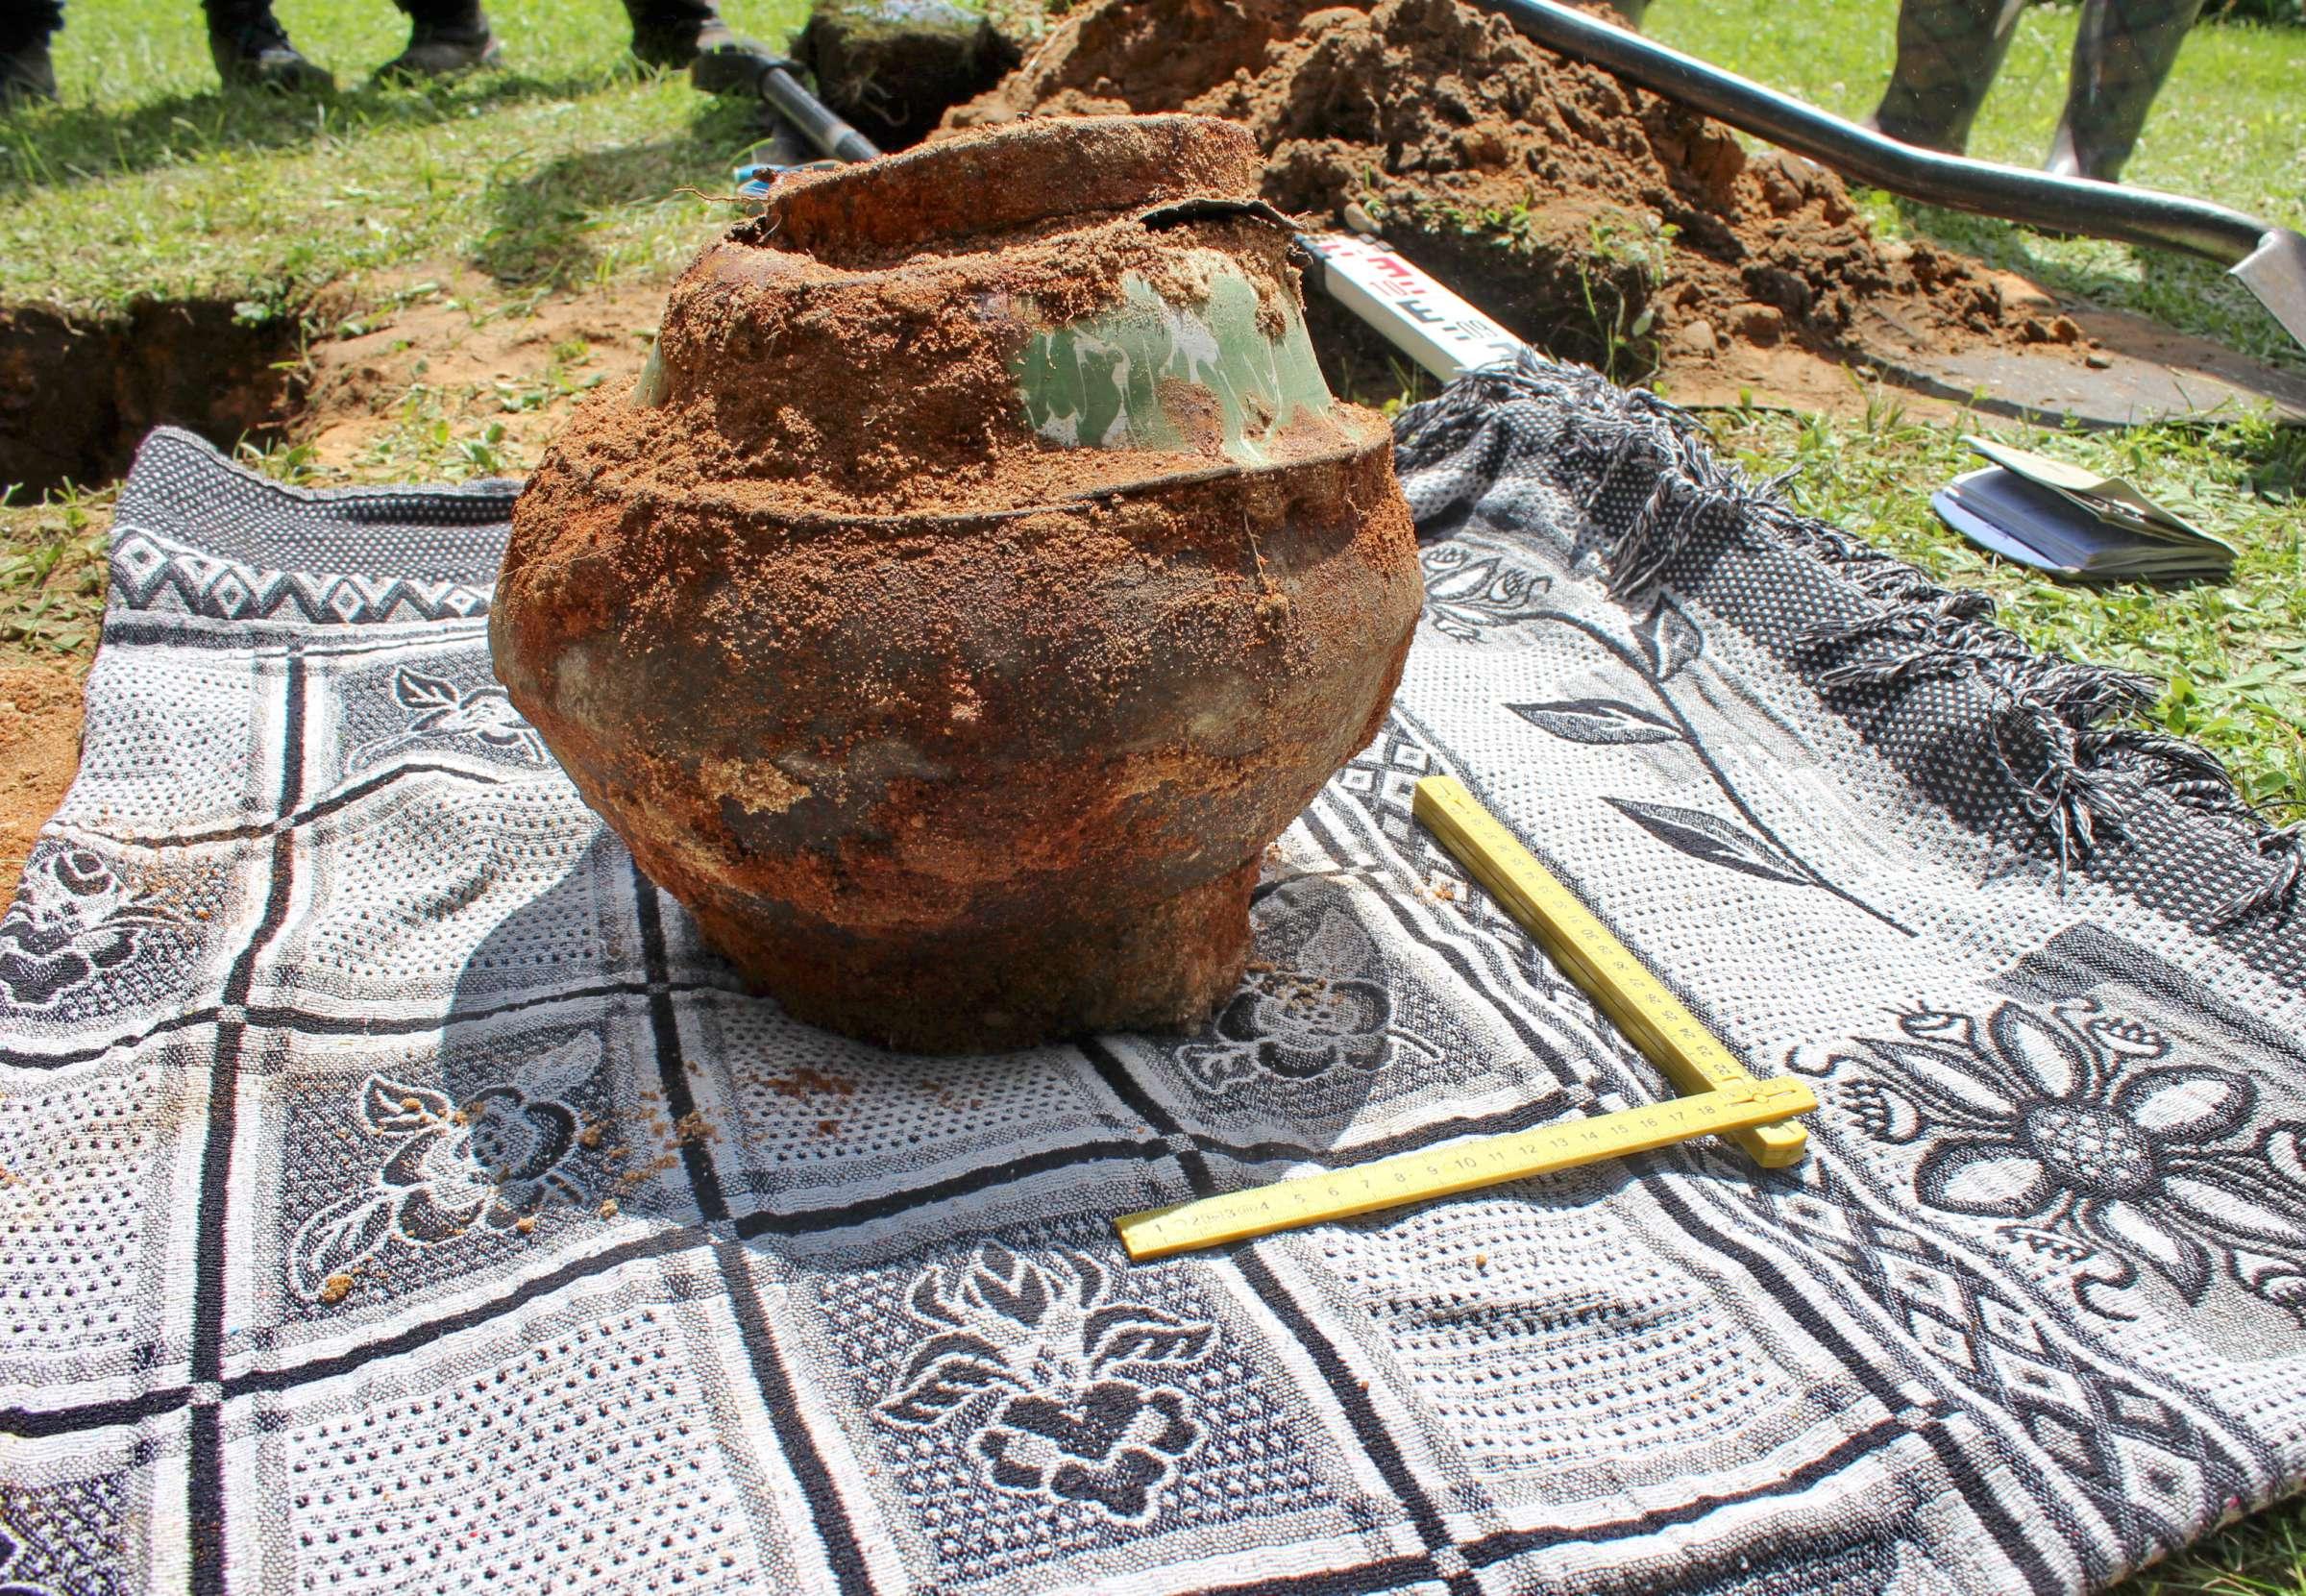 Rastasis metalinis indas su paslaptimi iš arti, iškėlus iš žemės | V. Vaitkevičiaus nuotr.